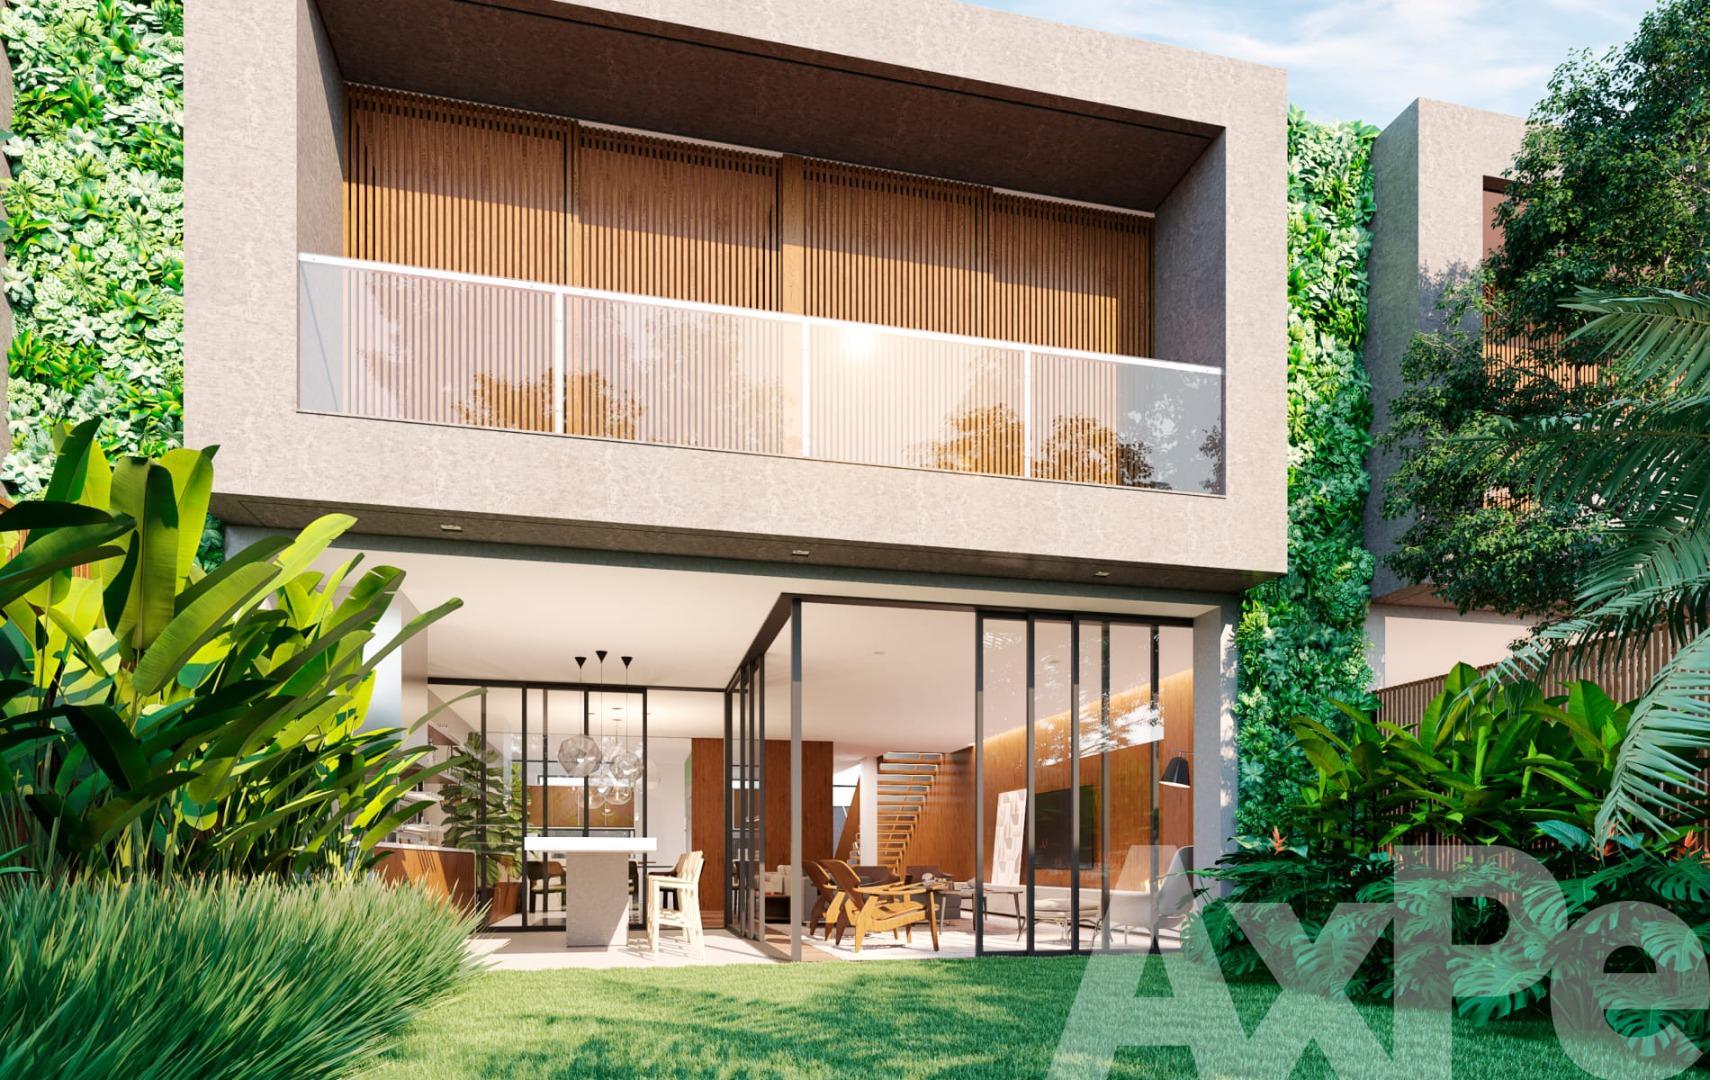 Axpe Casa em condomínio - AX146651